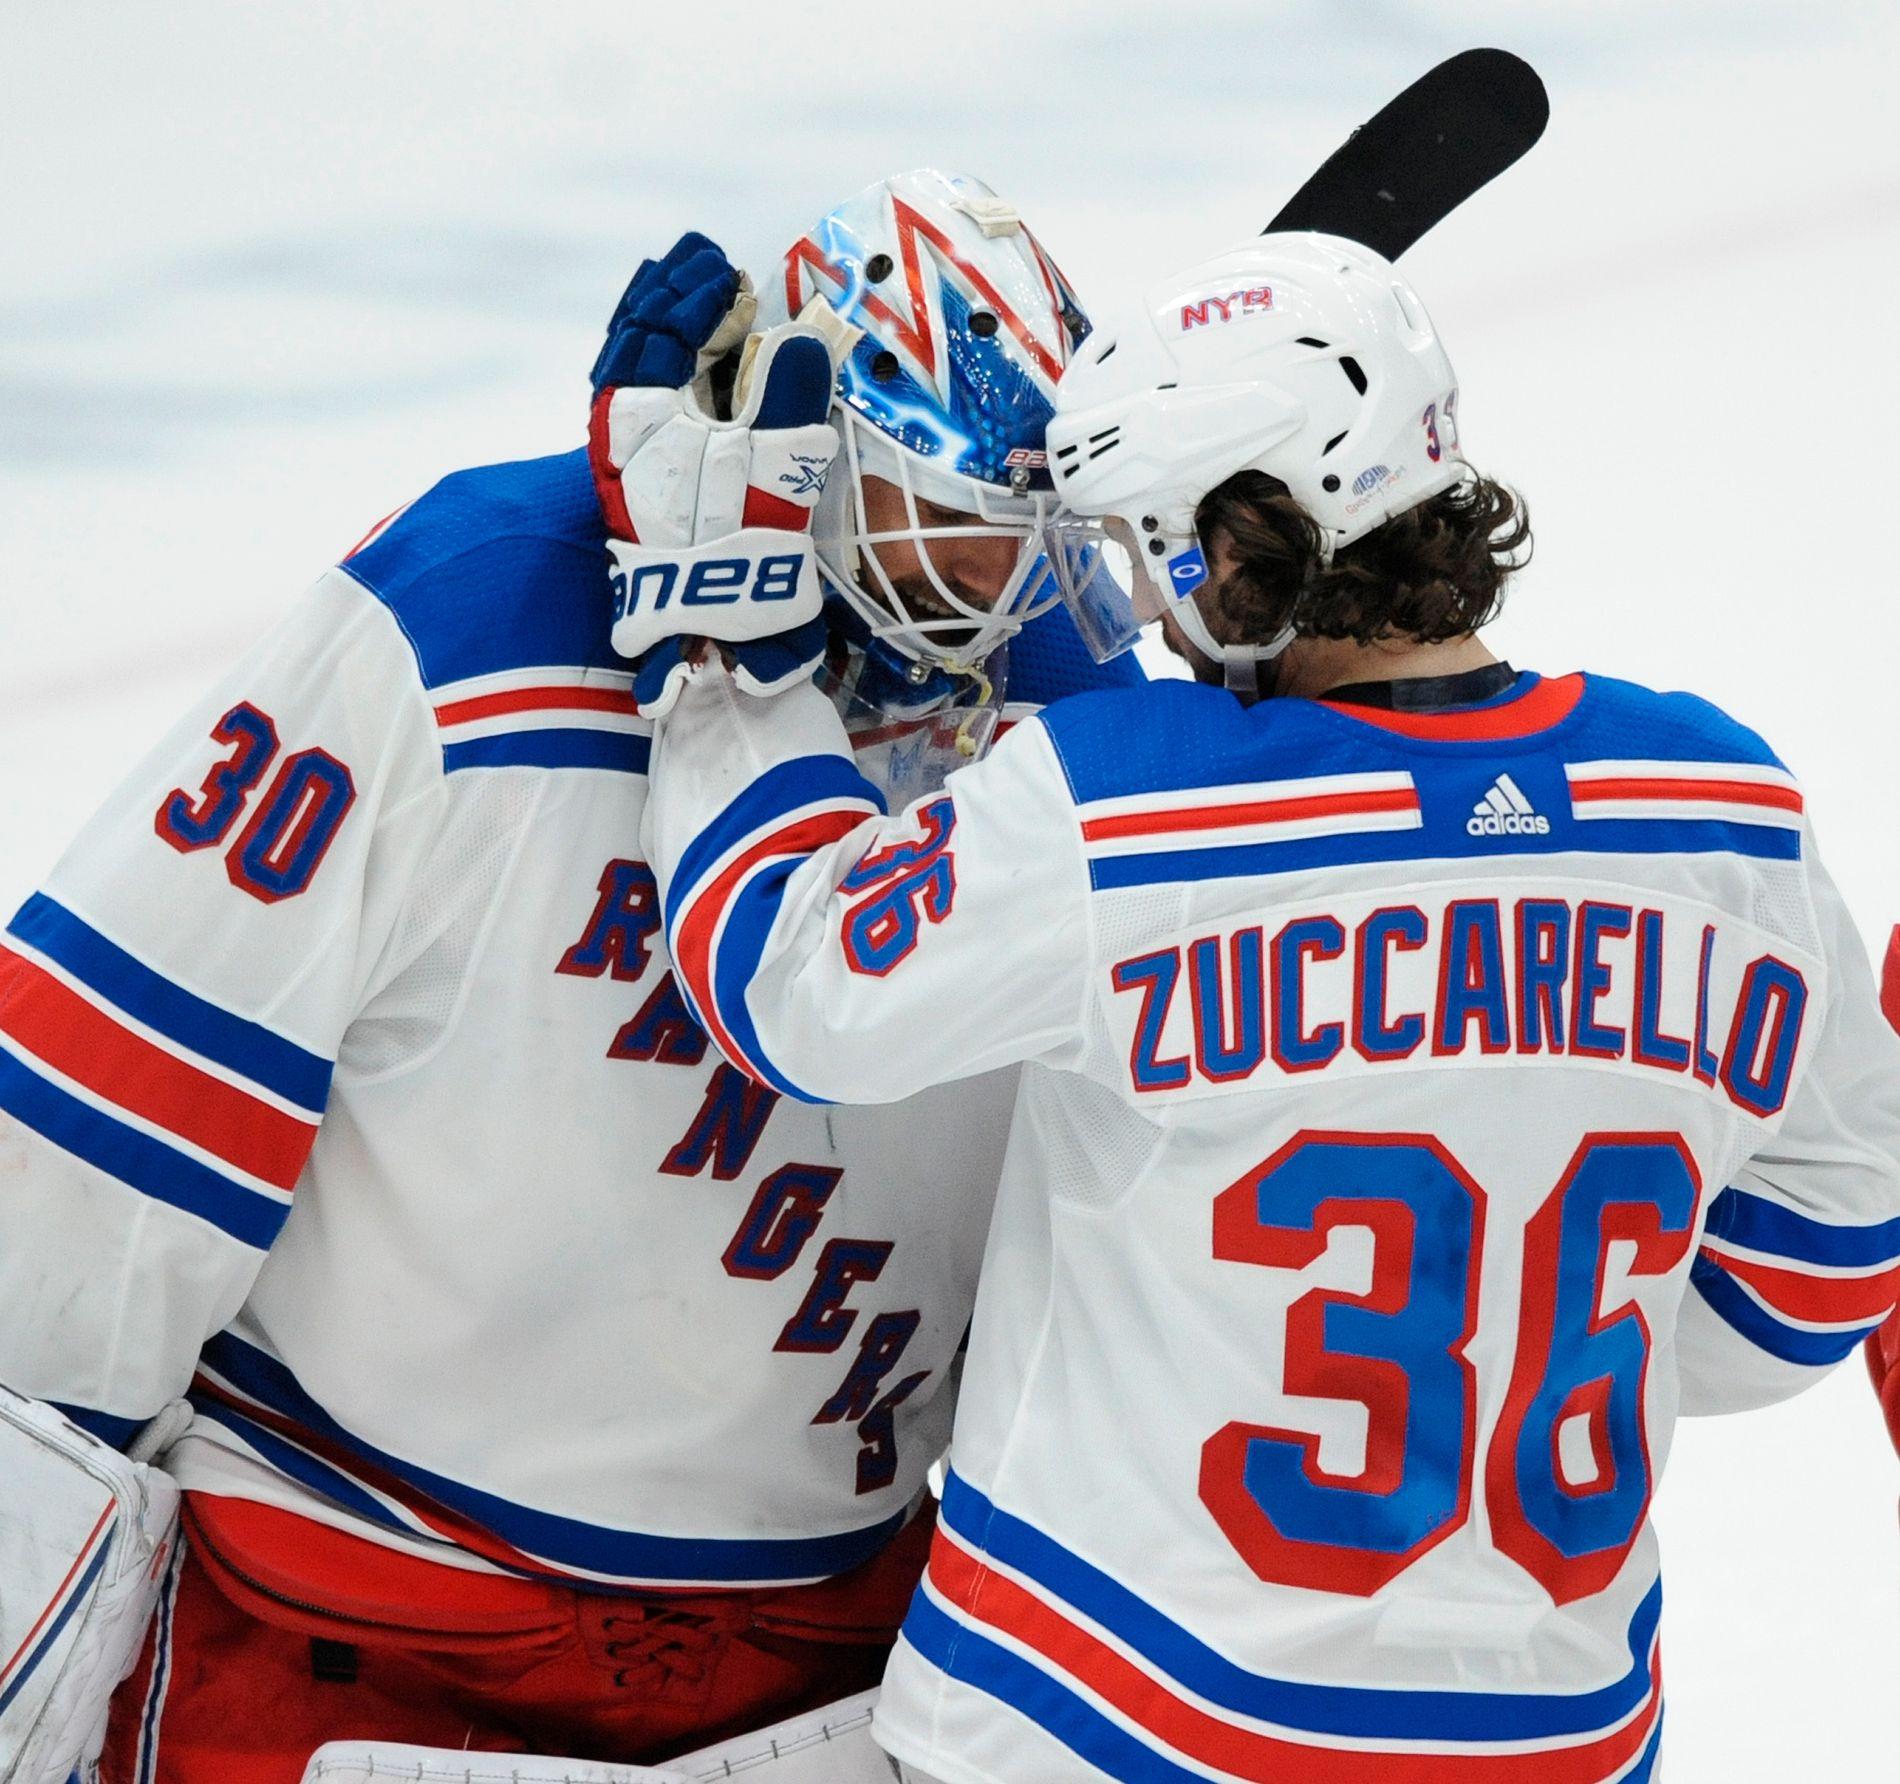 Mats Zuccarello markerte seg med scoring i New York Rangers' 2-1-seier borte mot St. Louis Blues i NHL. Her gratulerer han lagets svenske målvaktstjerne Henrik Lundqvist.